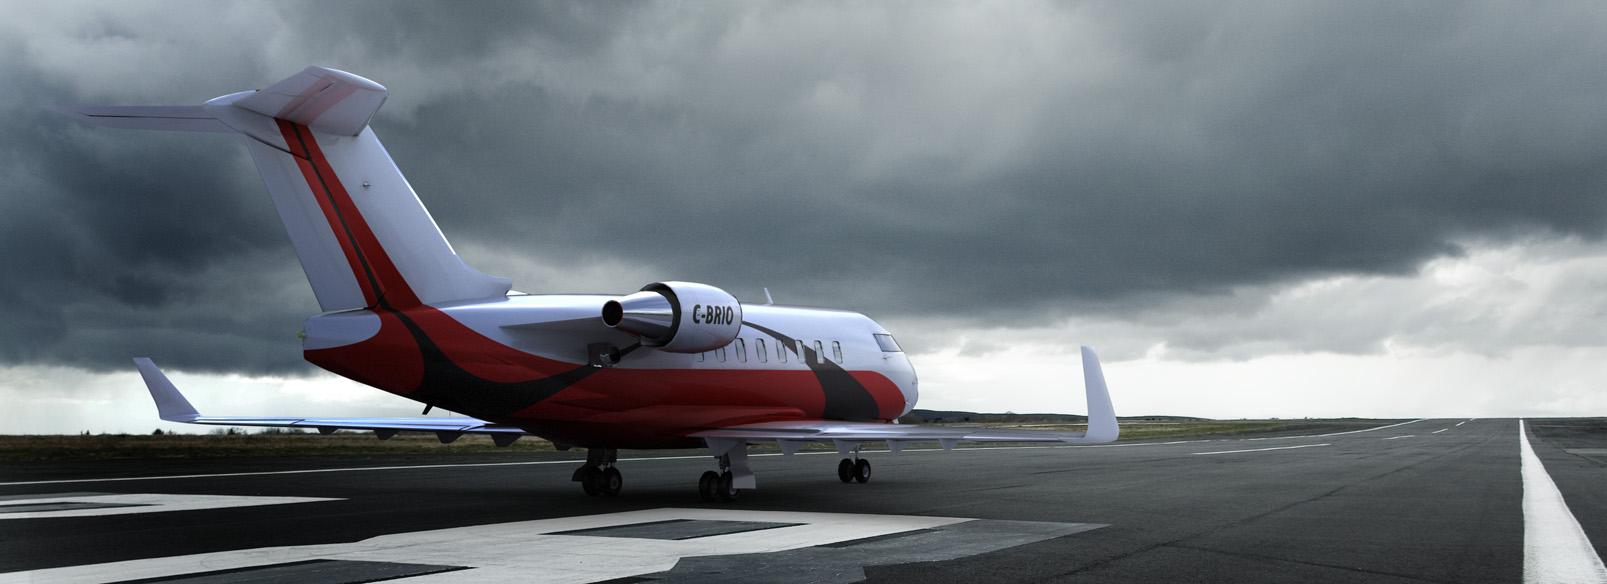 Bombardier Challenger Rendering